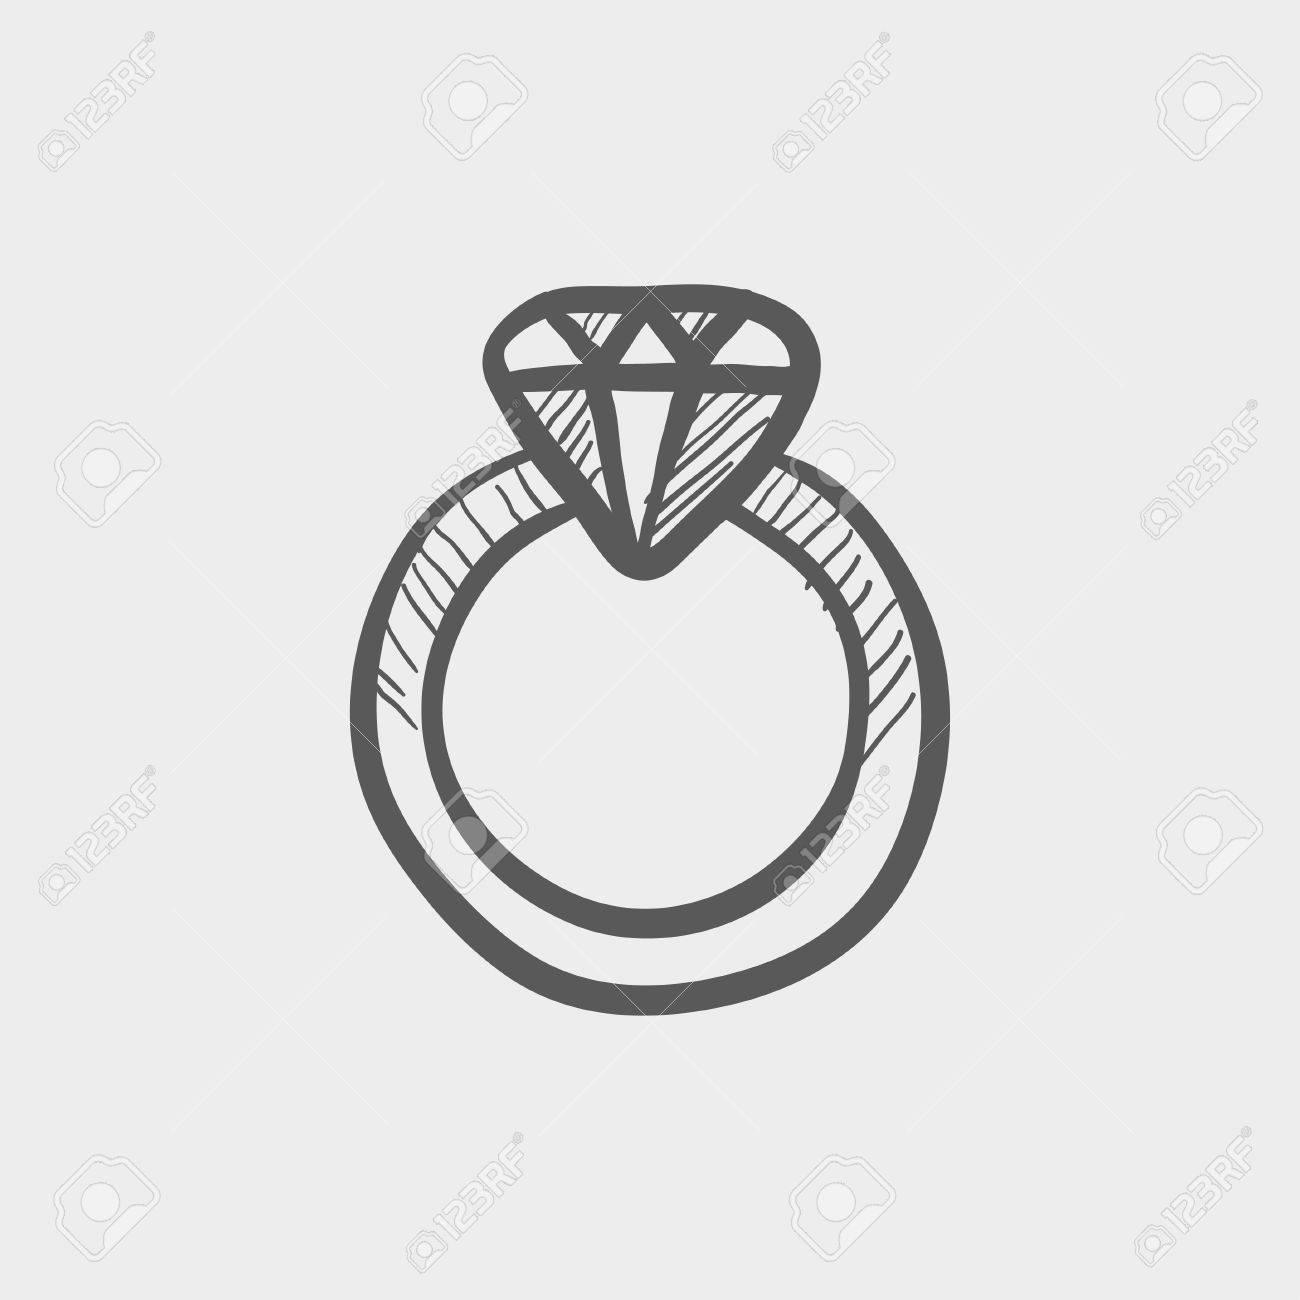 Diamantring gezeichnet  Diamantring Skizze Symbol Für Web Und Mobile. Hand Gezeichnet ...